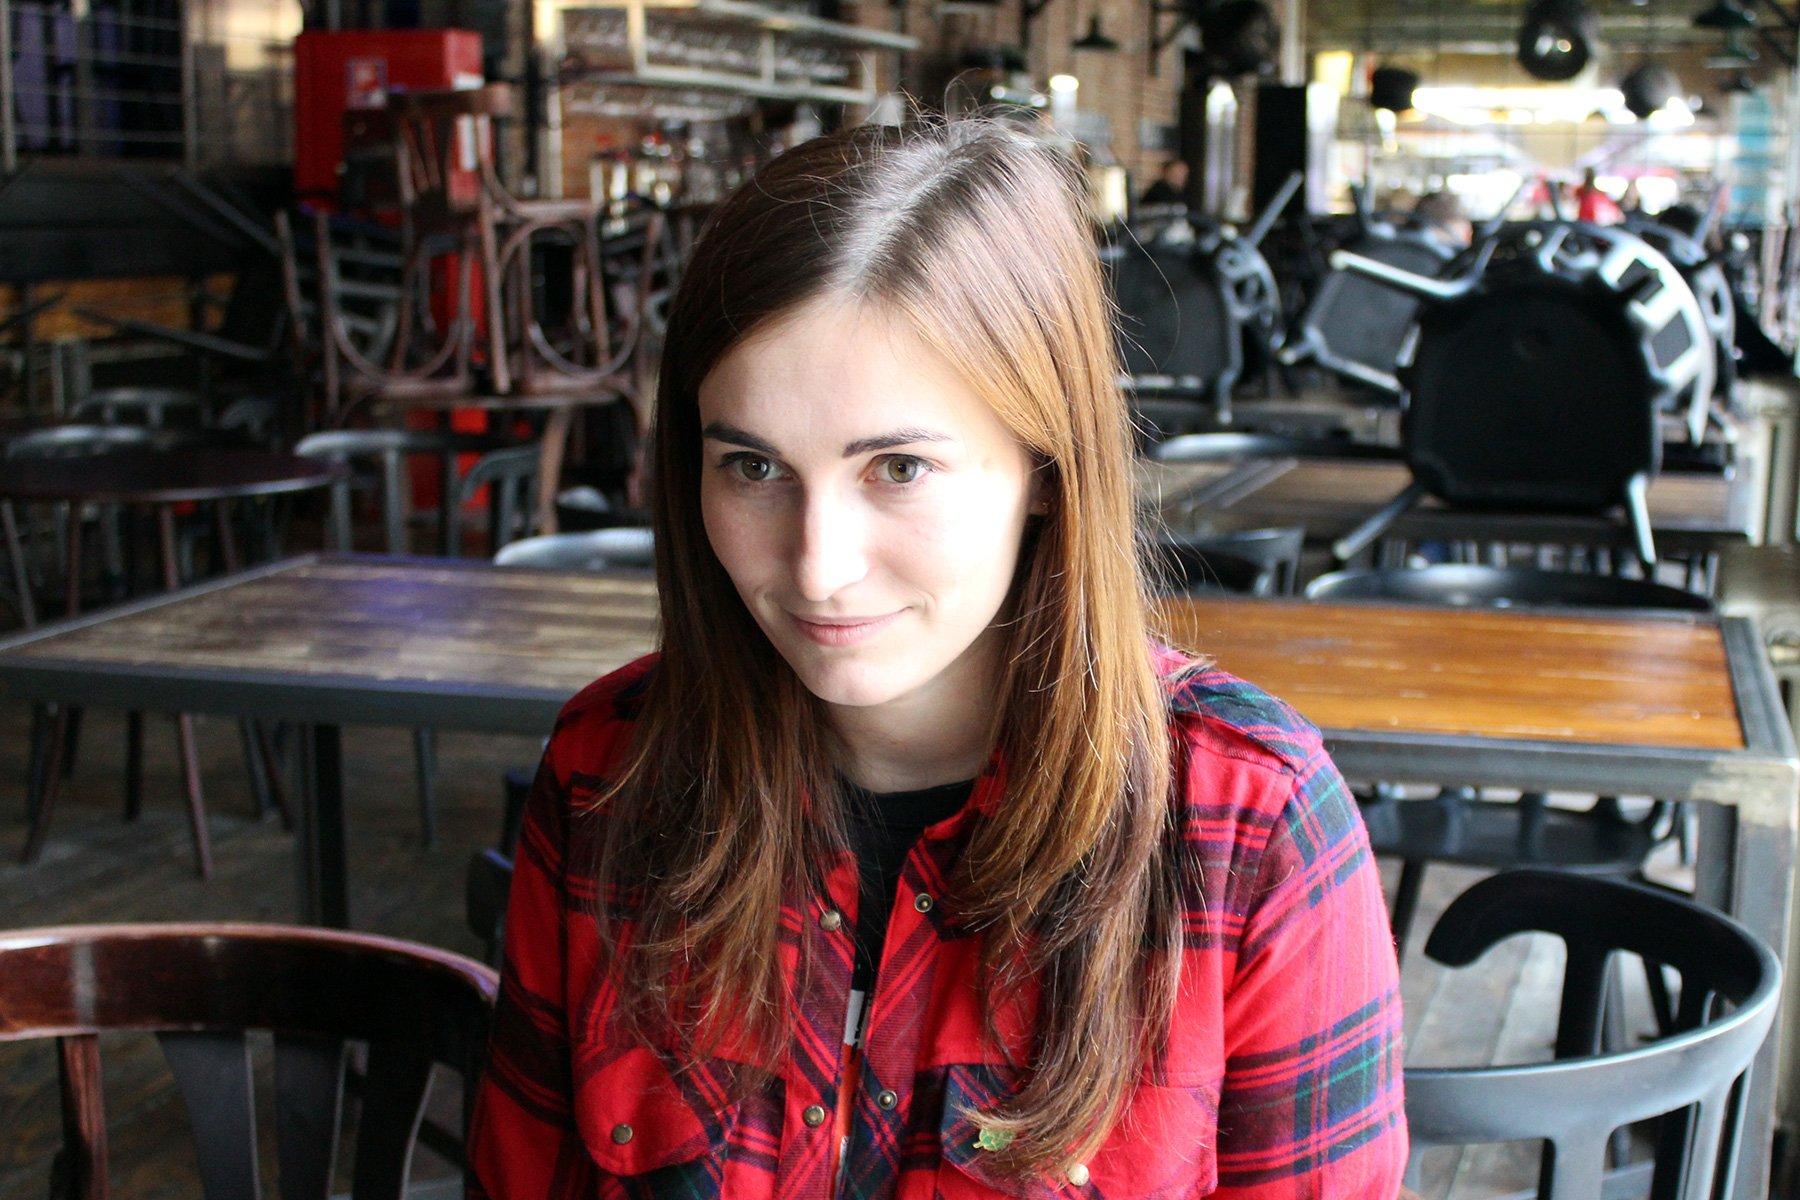 Юлія Волошин — пивоварка, керівниця лабораторії Театру пива